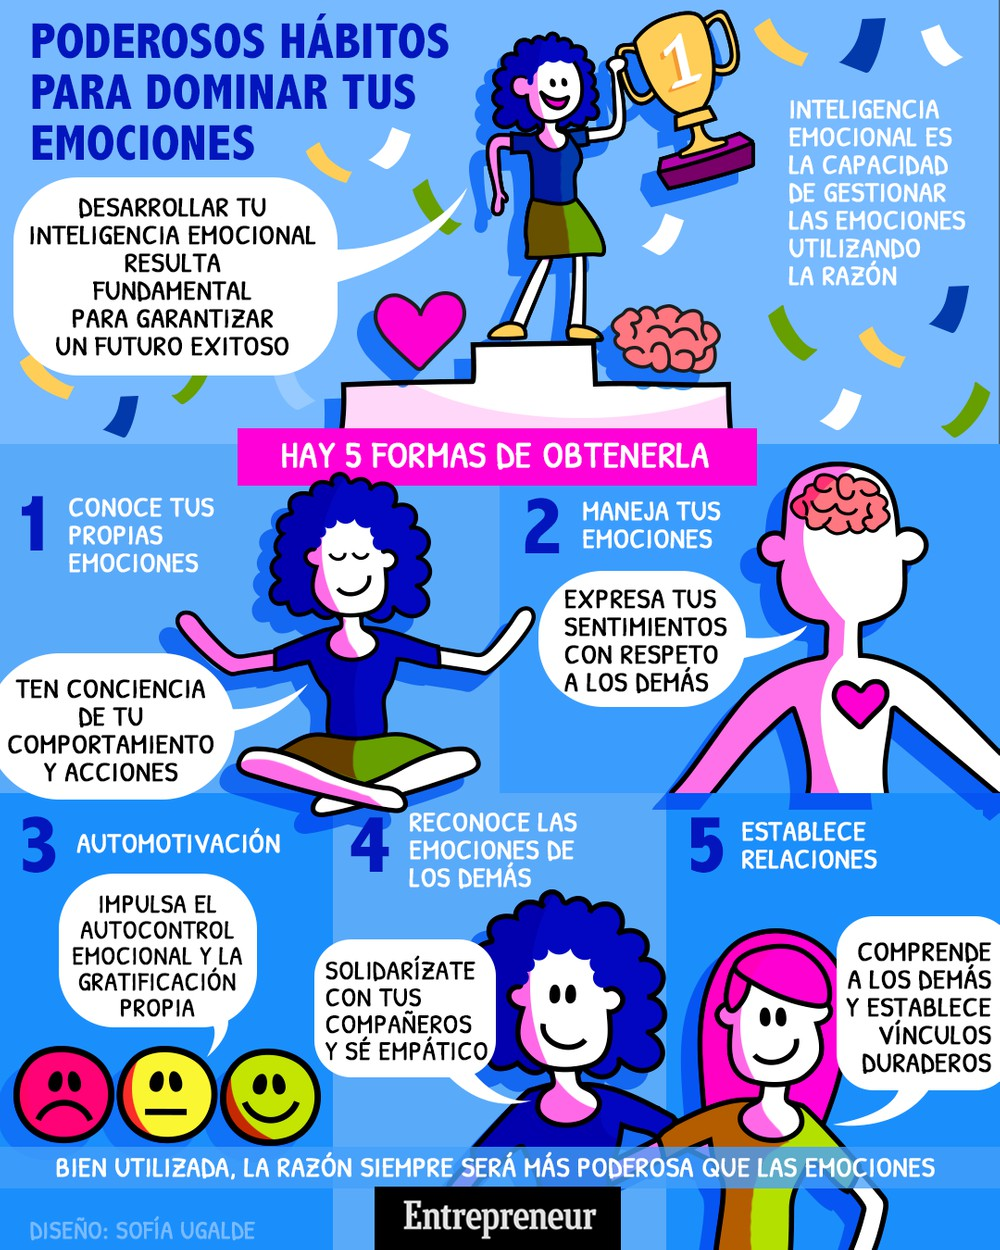 Infografía: Poderosos hábitos para dominar tus emociones